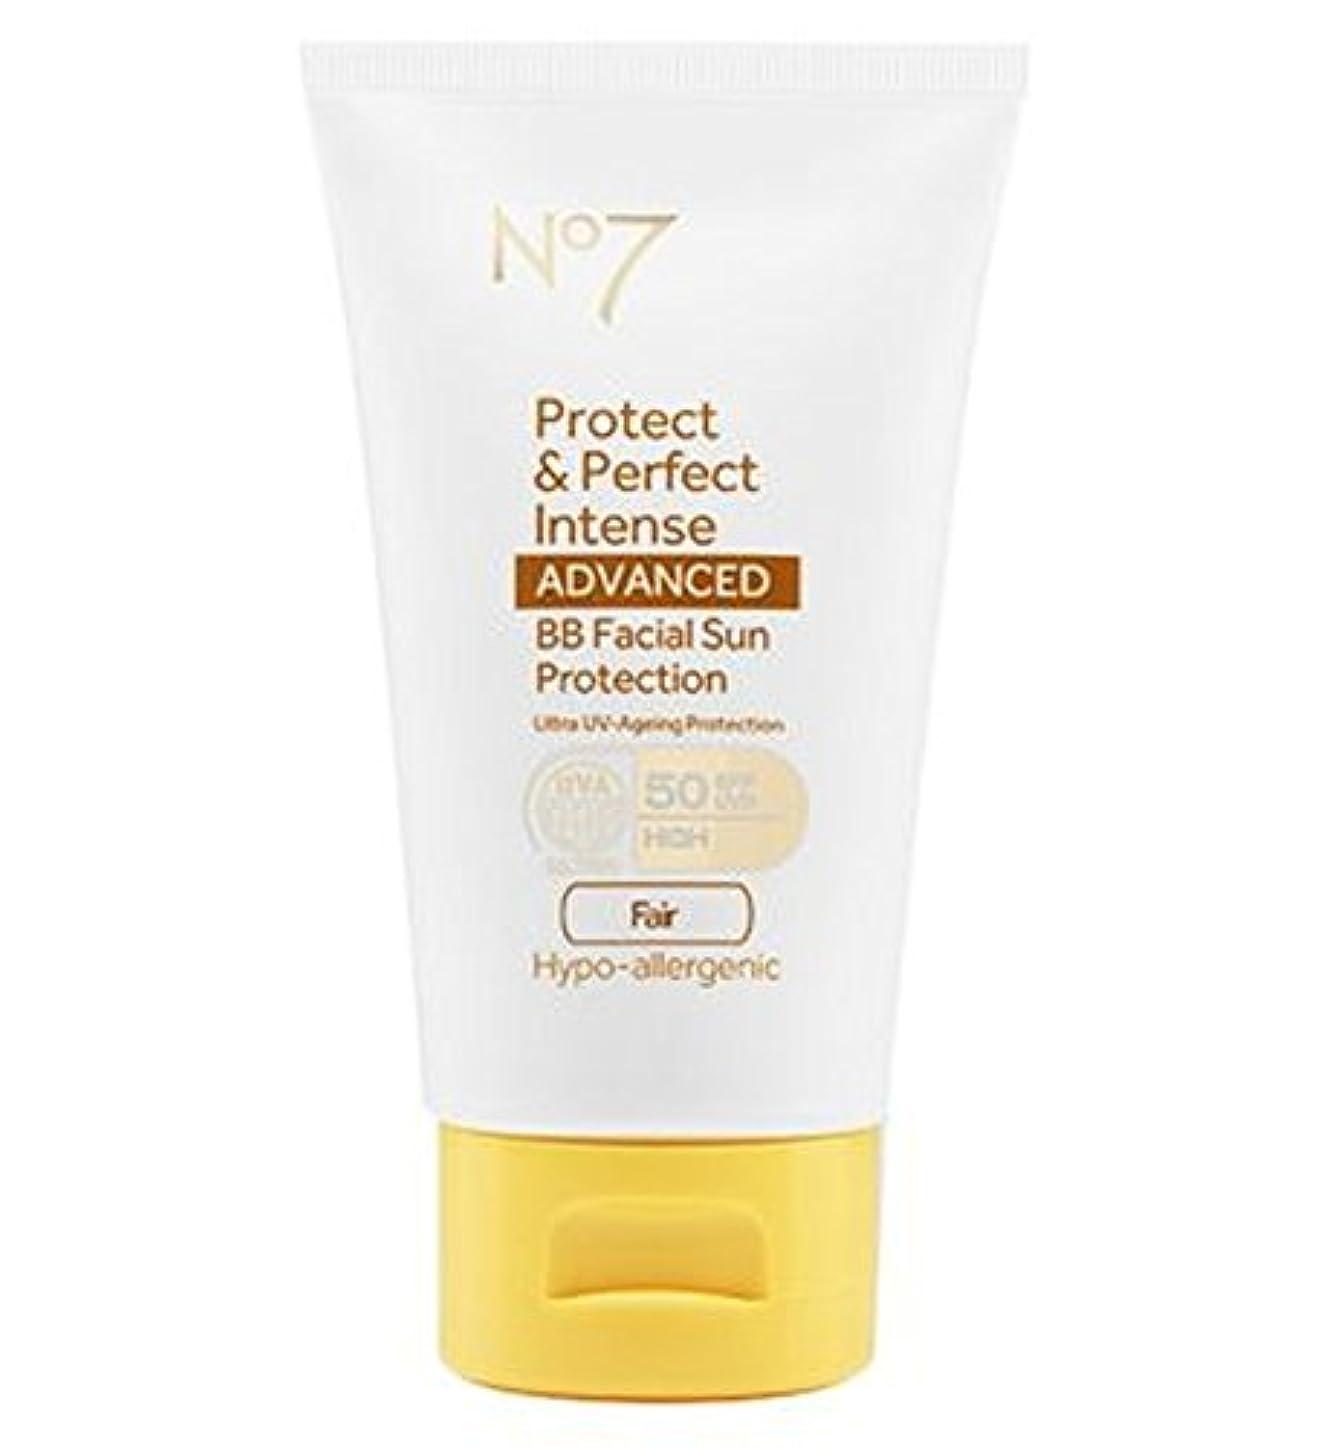 構造的ブリード糞No7 Protect & Perfect Intense ADVANCED BB Facial Sun Protection SPF50 Fair 50ml - No7保護&完璧な強烈な先進Bb顔の日焼け防止Spf50フェア50ミリリットル (No7) [並行輸入品]